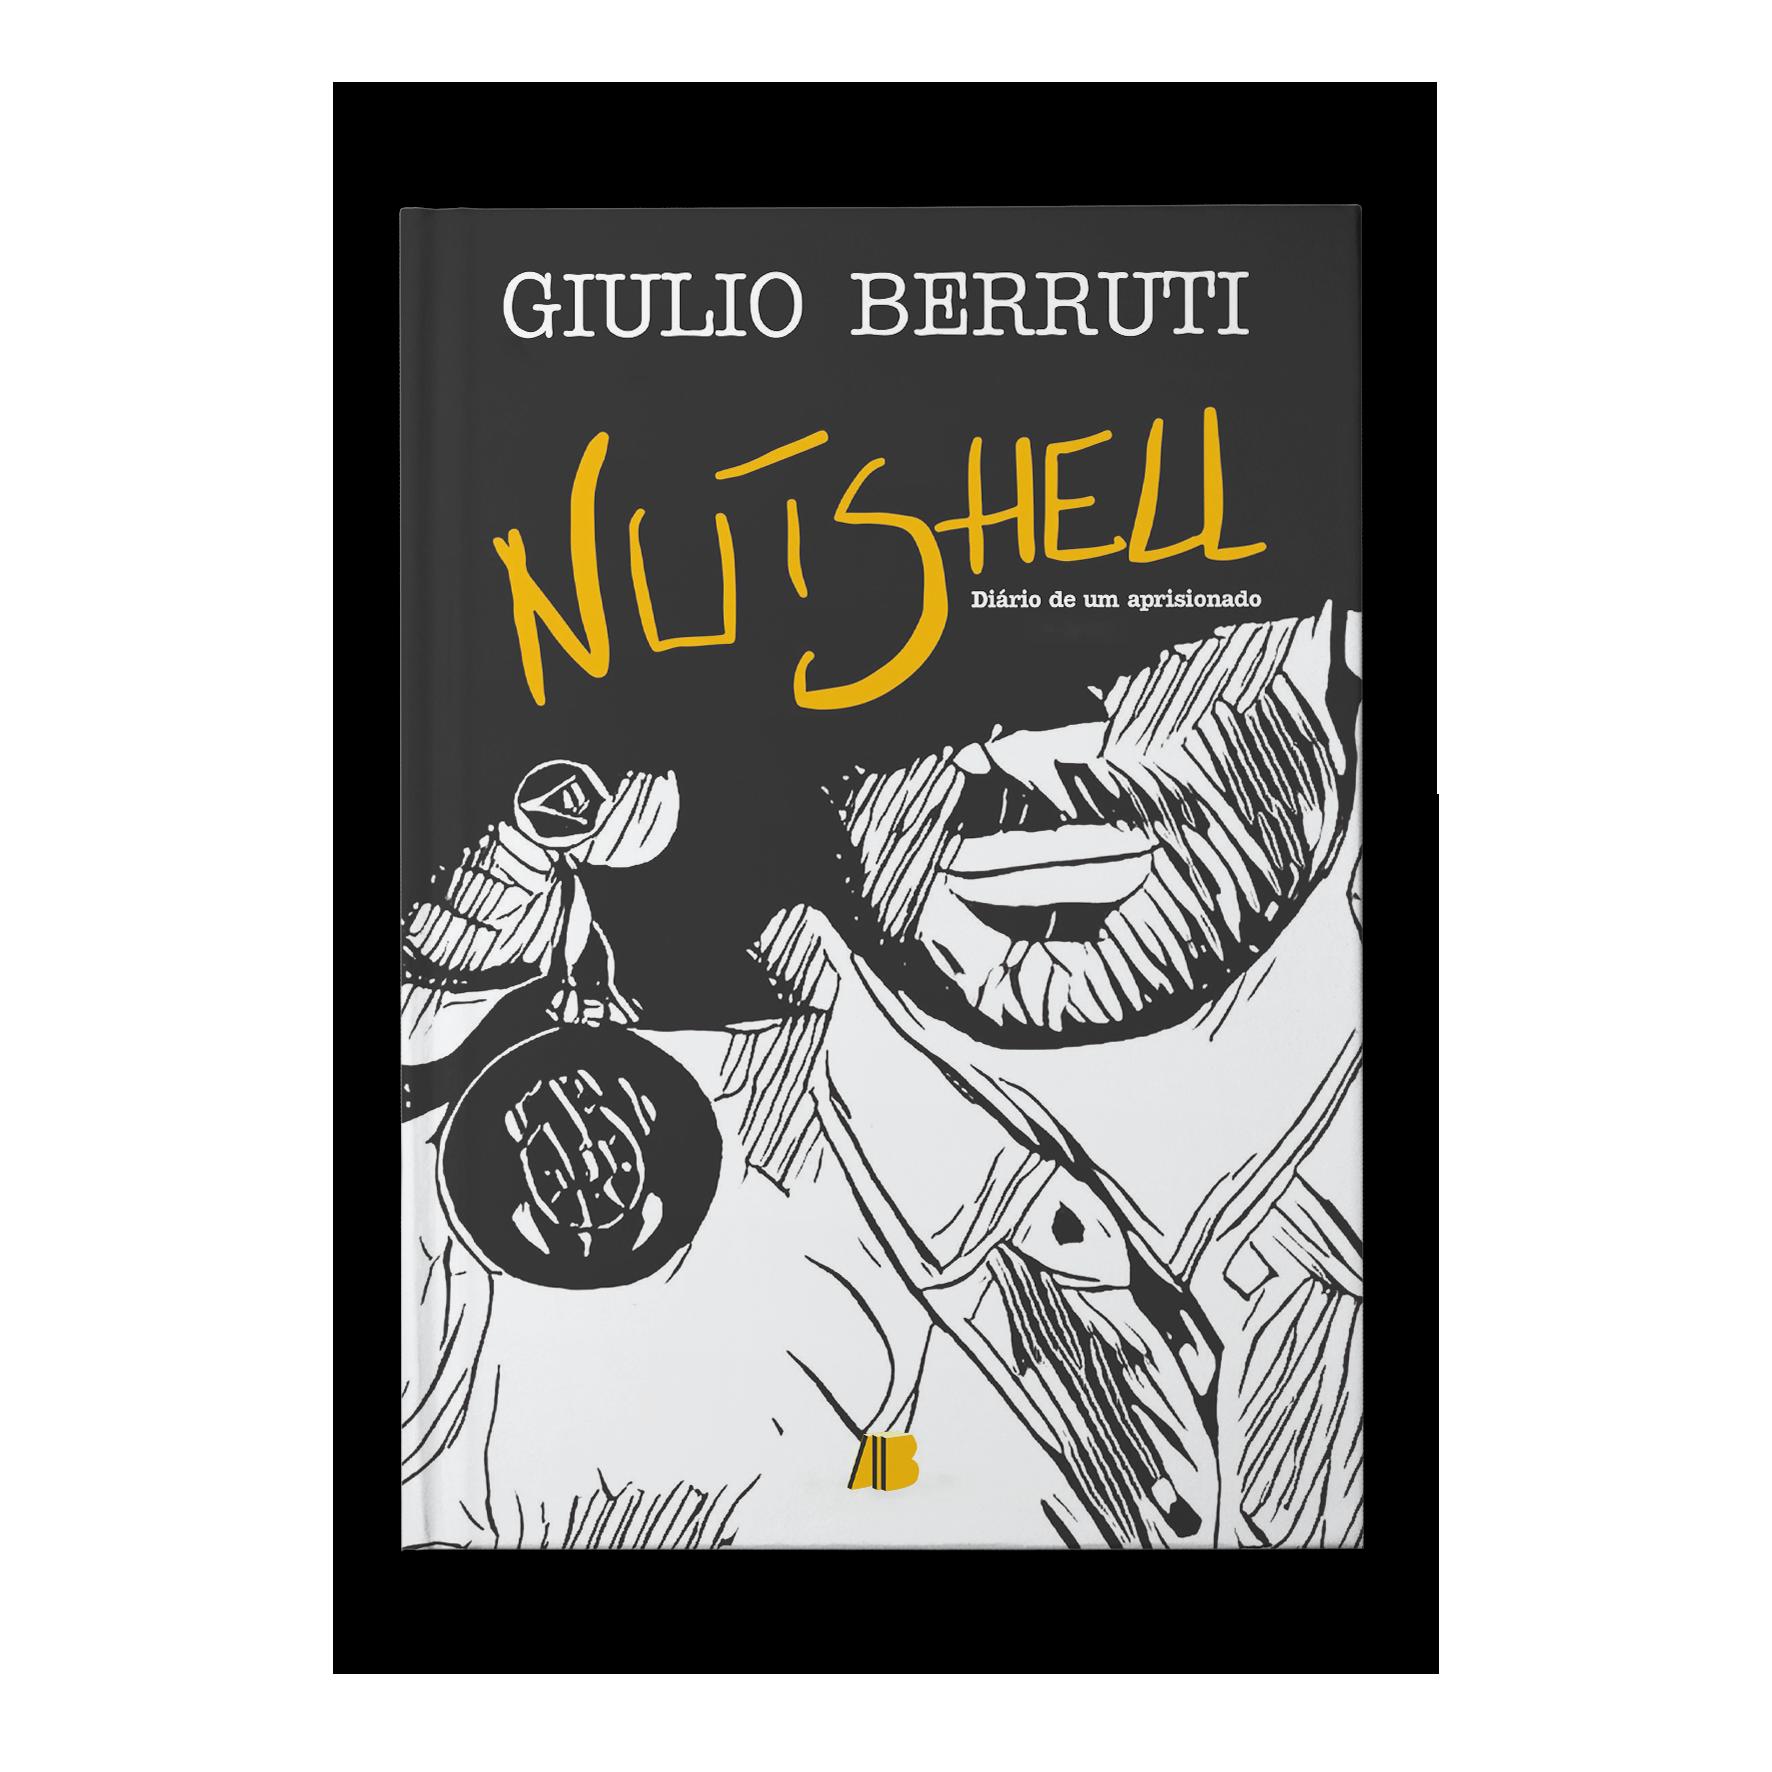 Nutshell – Giulio Berruti